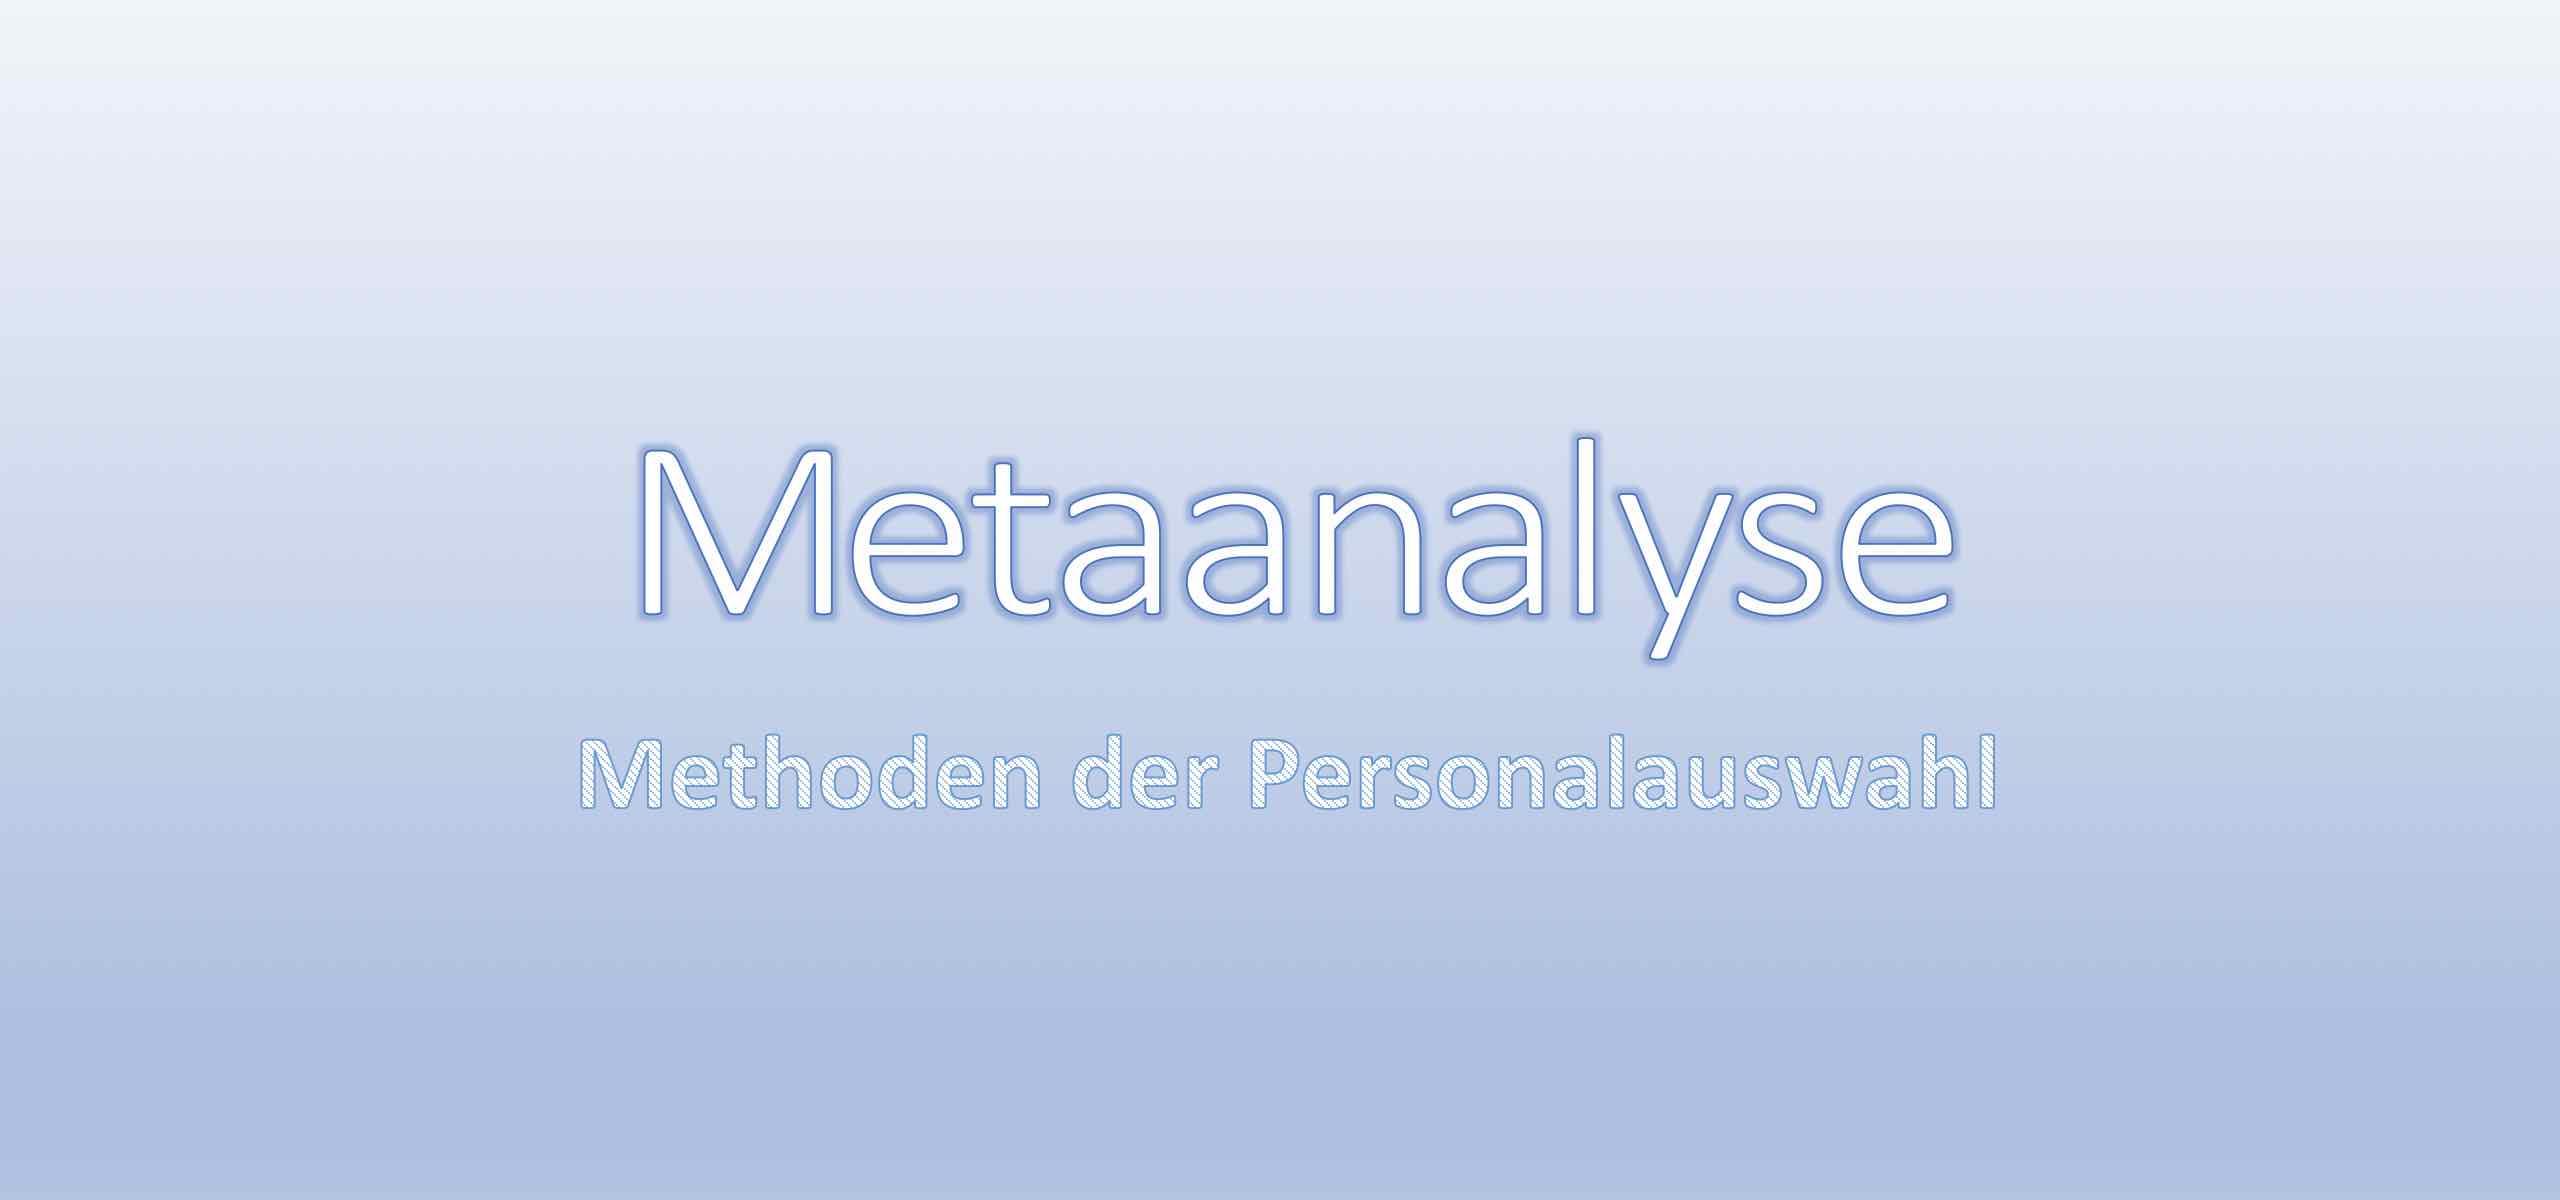 Metaanalyse Methoden der Personalauswahl